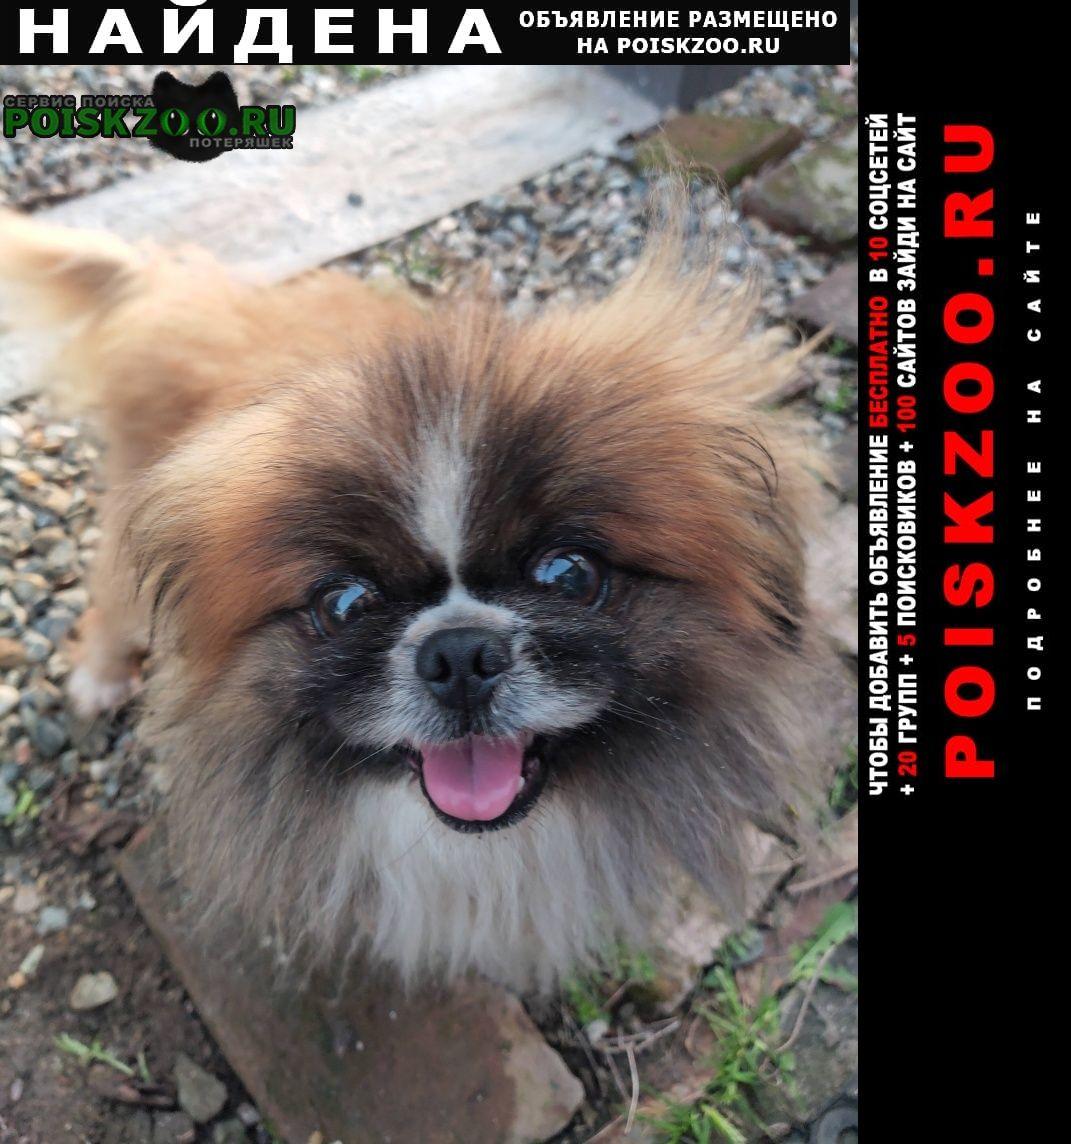 Найдена собака кобель пос.сенной Темрюк